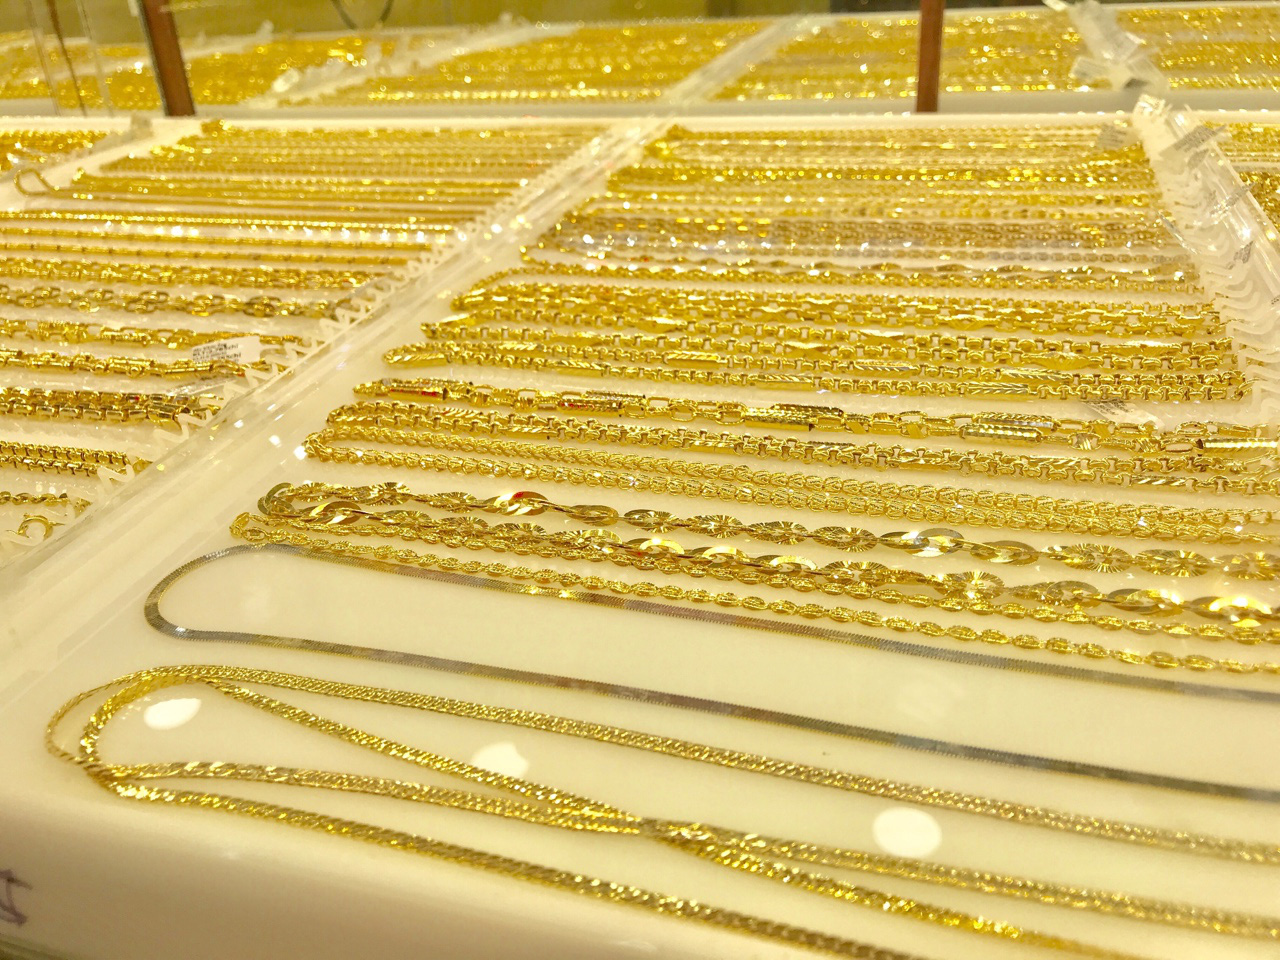 Giá vàng thế giới đang hướng trở lại mức cao kỉ lục của 7 năm - Ảnh 2.